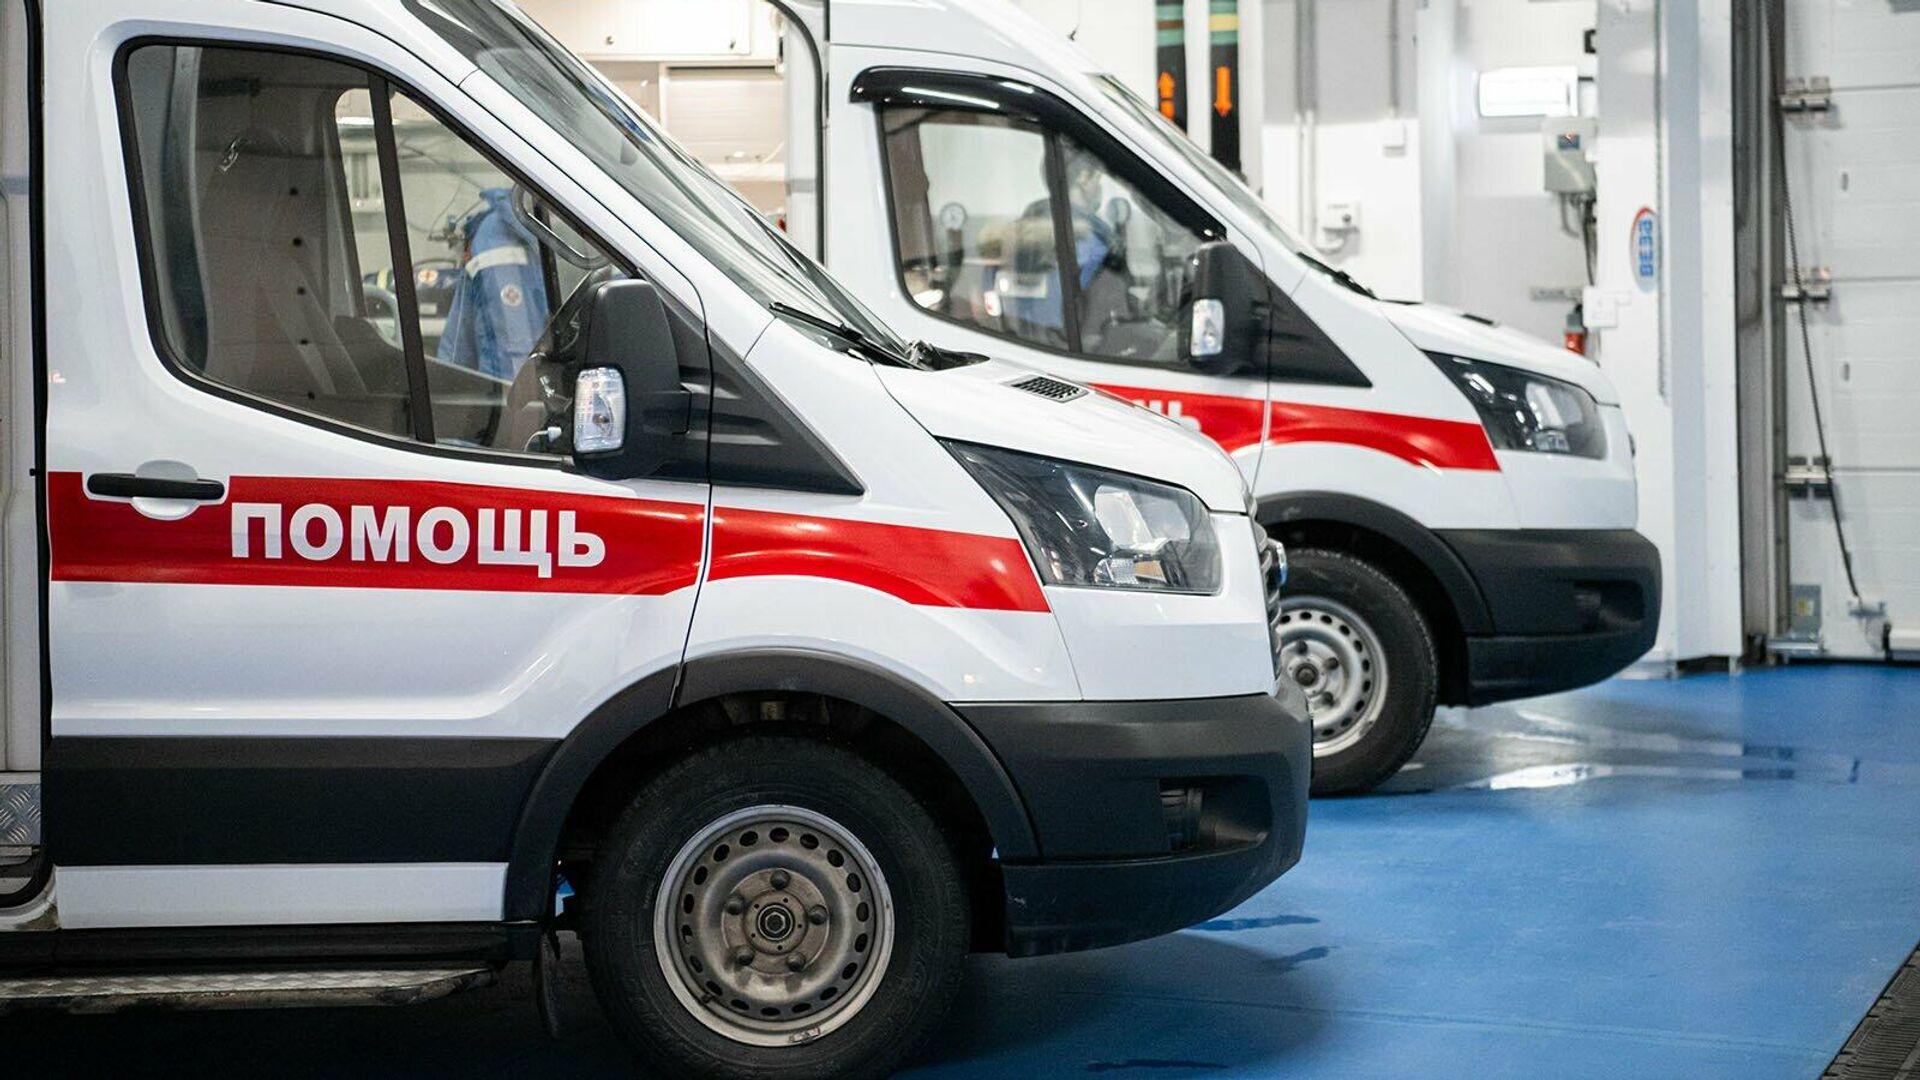 Автомобили медицинской помощи на новой подстанции скорой помощи в многопрофильной клинической больнице в Коммунарке - РИА Новости, 1920, 26.02.2021